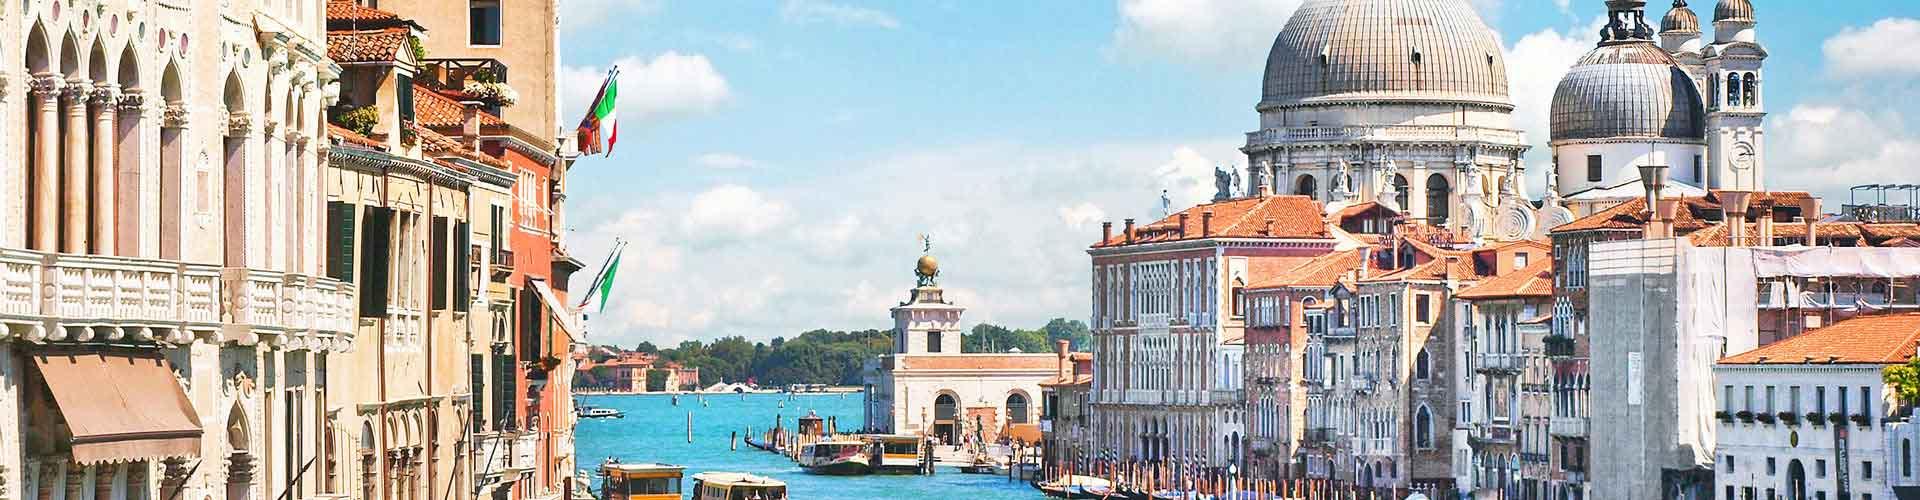 Venecia - Albergues en Venecia. Mapas de Venecia, Fotos y Comentarios para cada Albergue en Venecia.